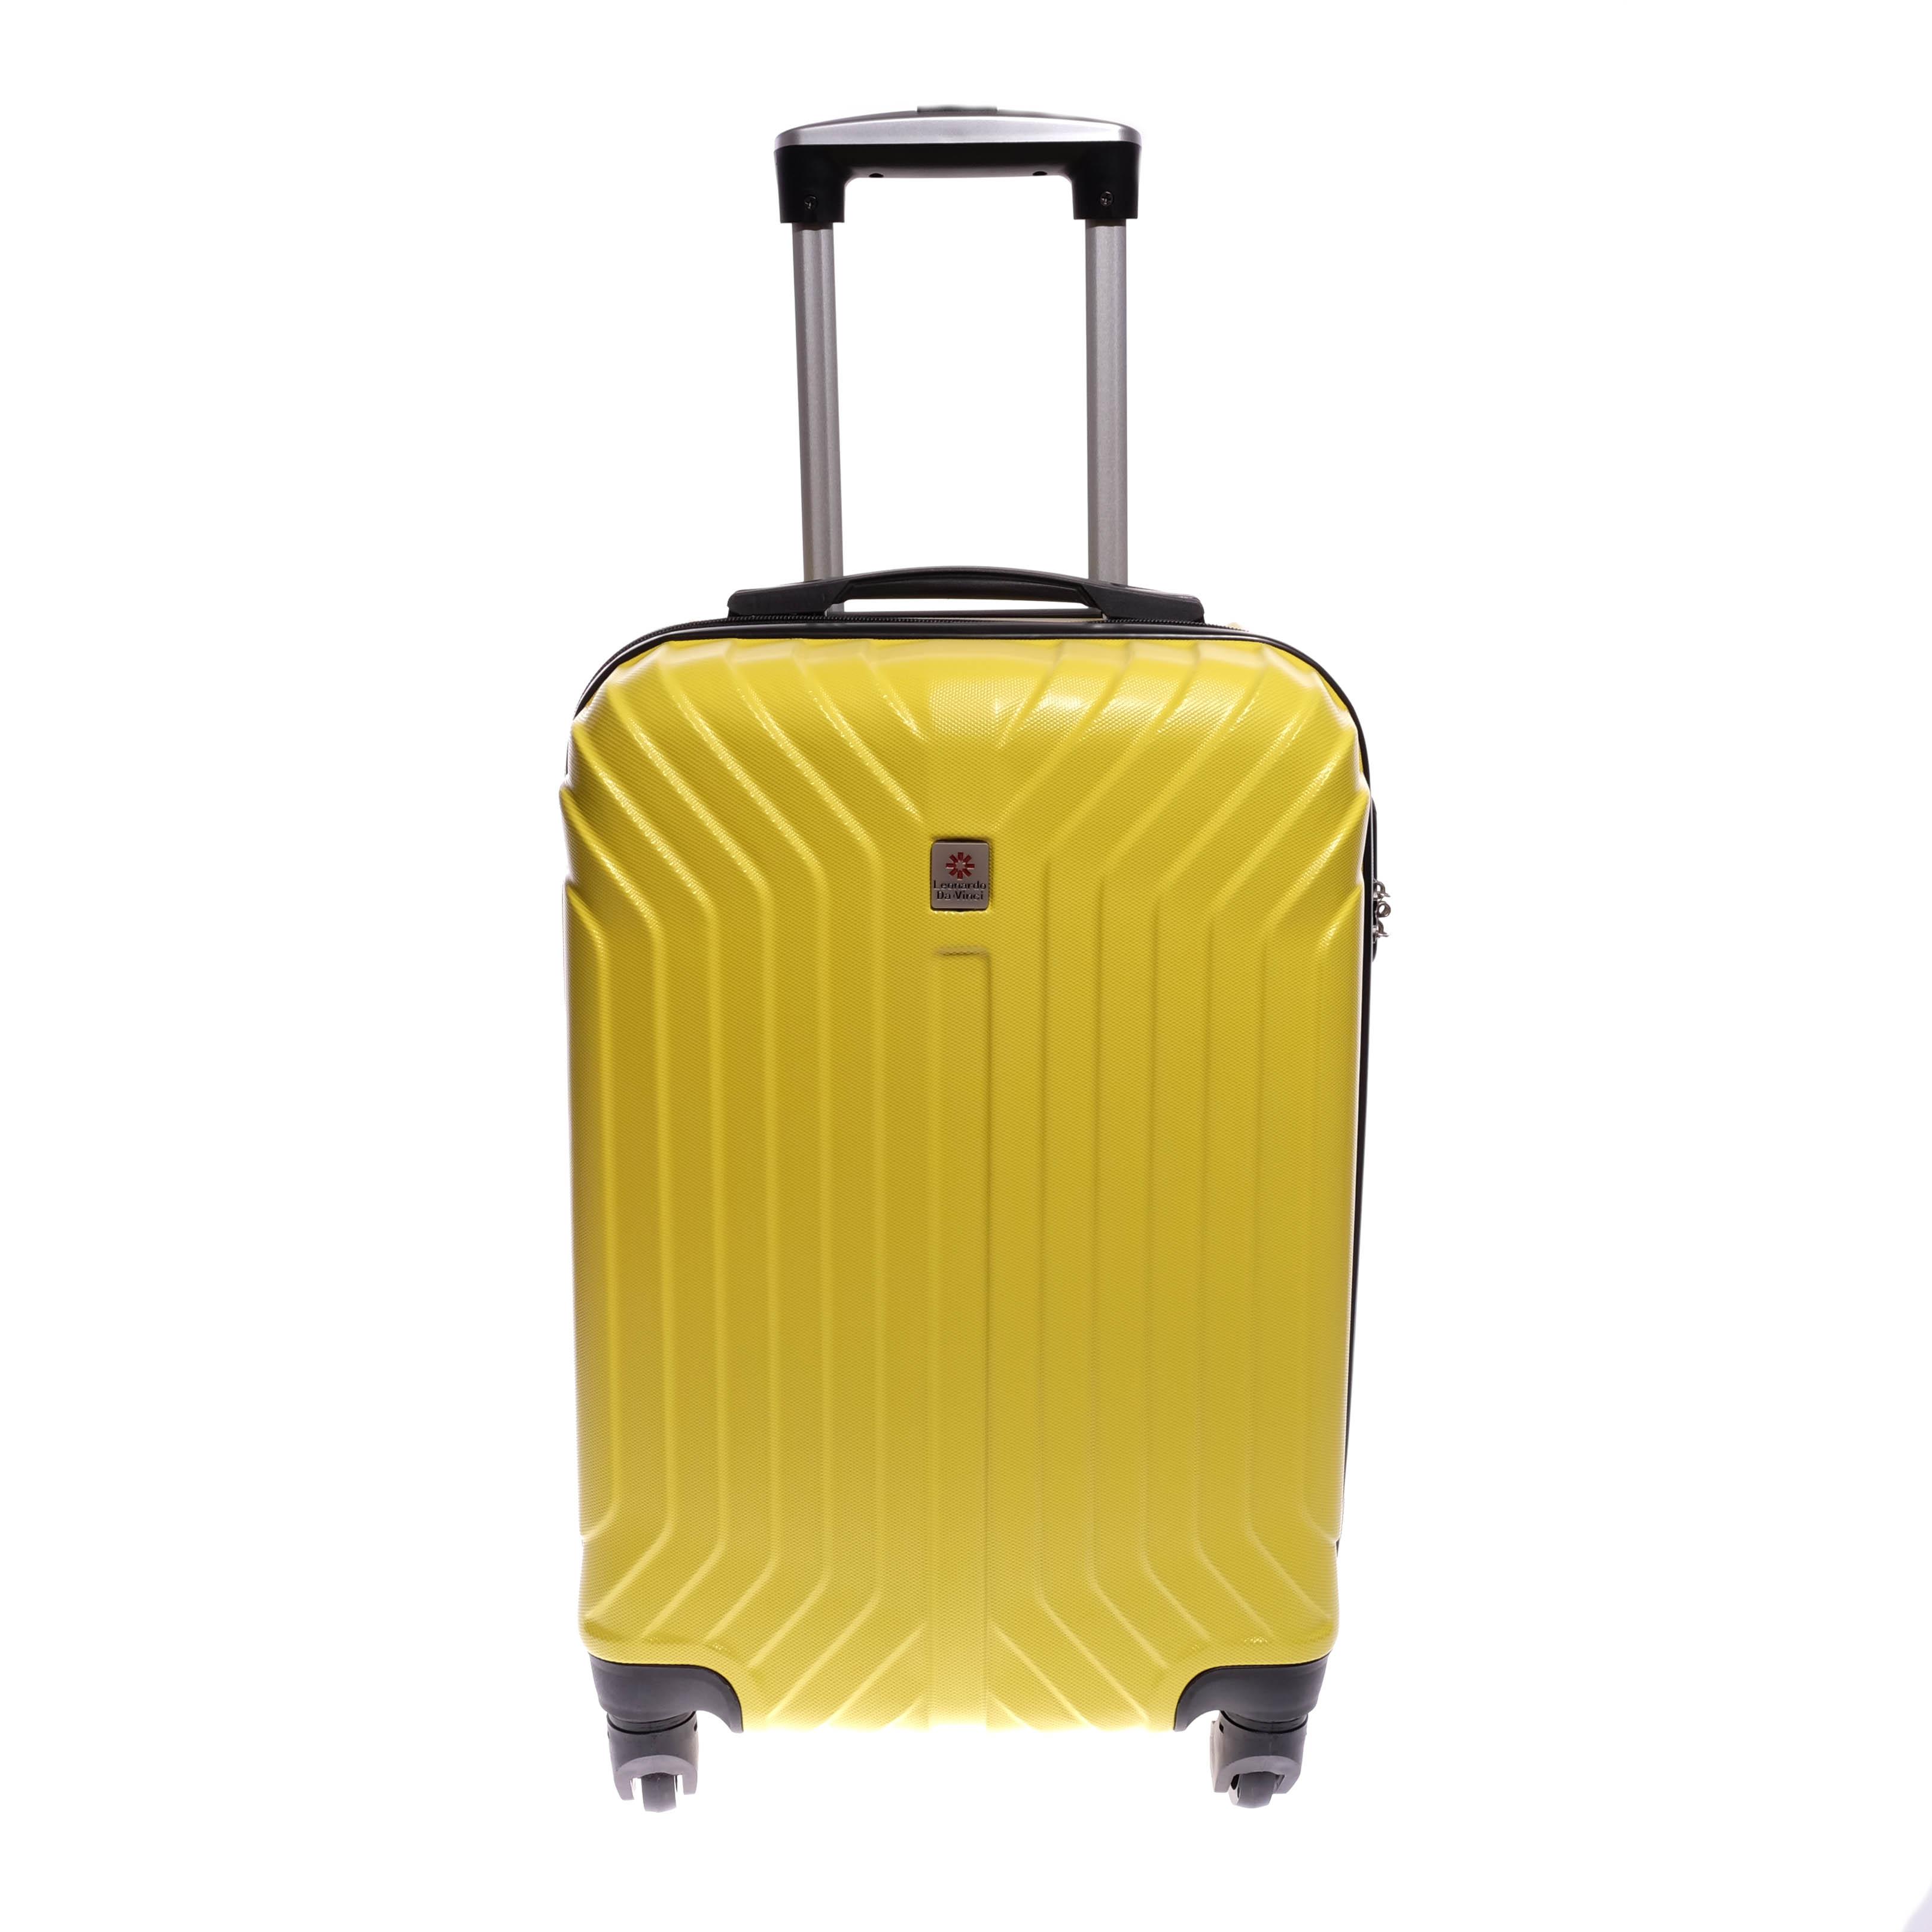 10fae8f4b1c3 Leonardo Da Vinci Go! Sárga Kemény Közepes Bőrönd (4 Kerekű) - KÖZEPES  MÉRETŰ BŐRÖNDÖK - Táska webáruház - Minőségi táskák mindenkinek